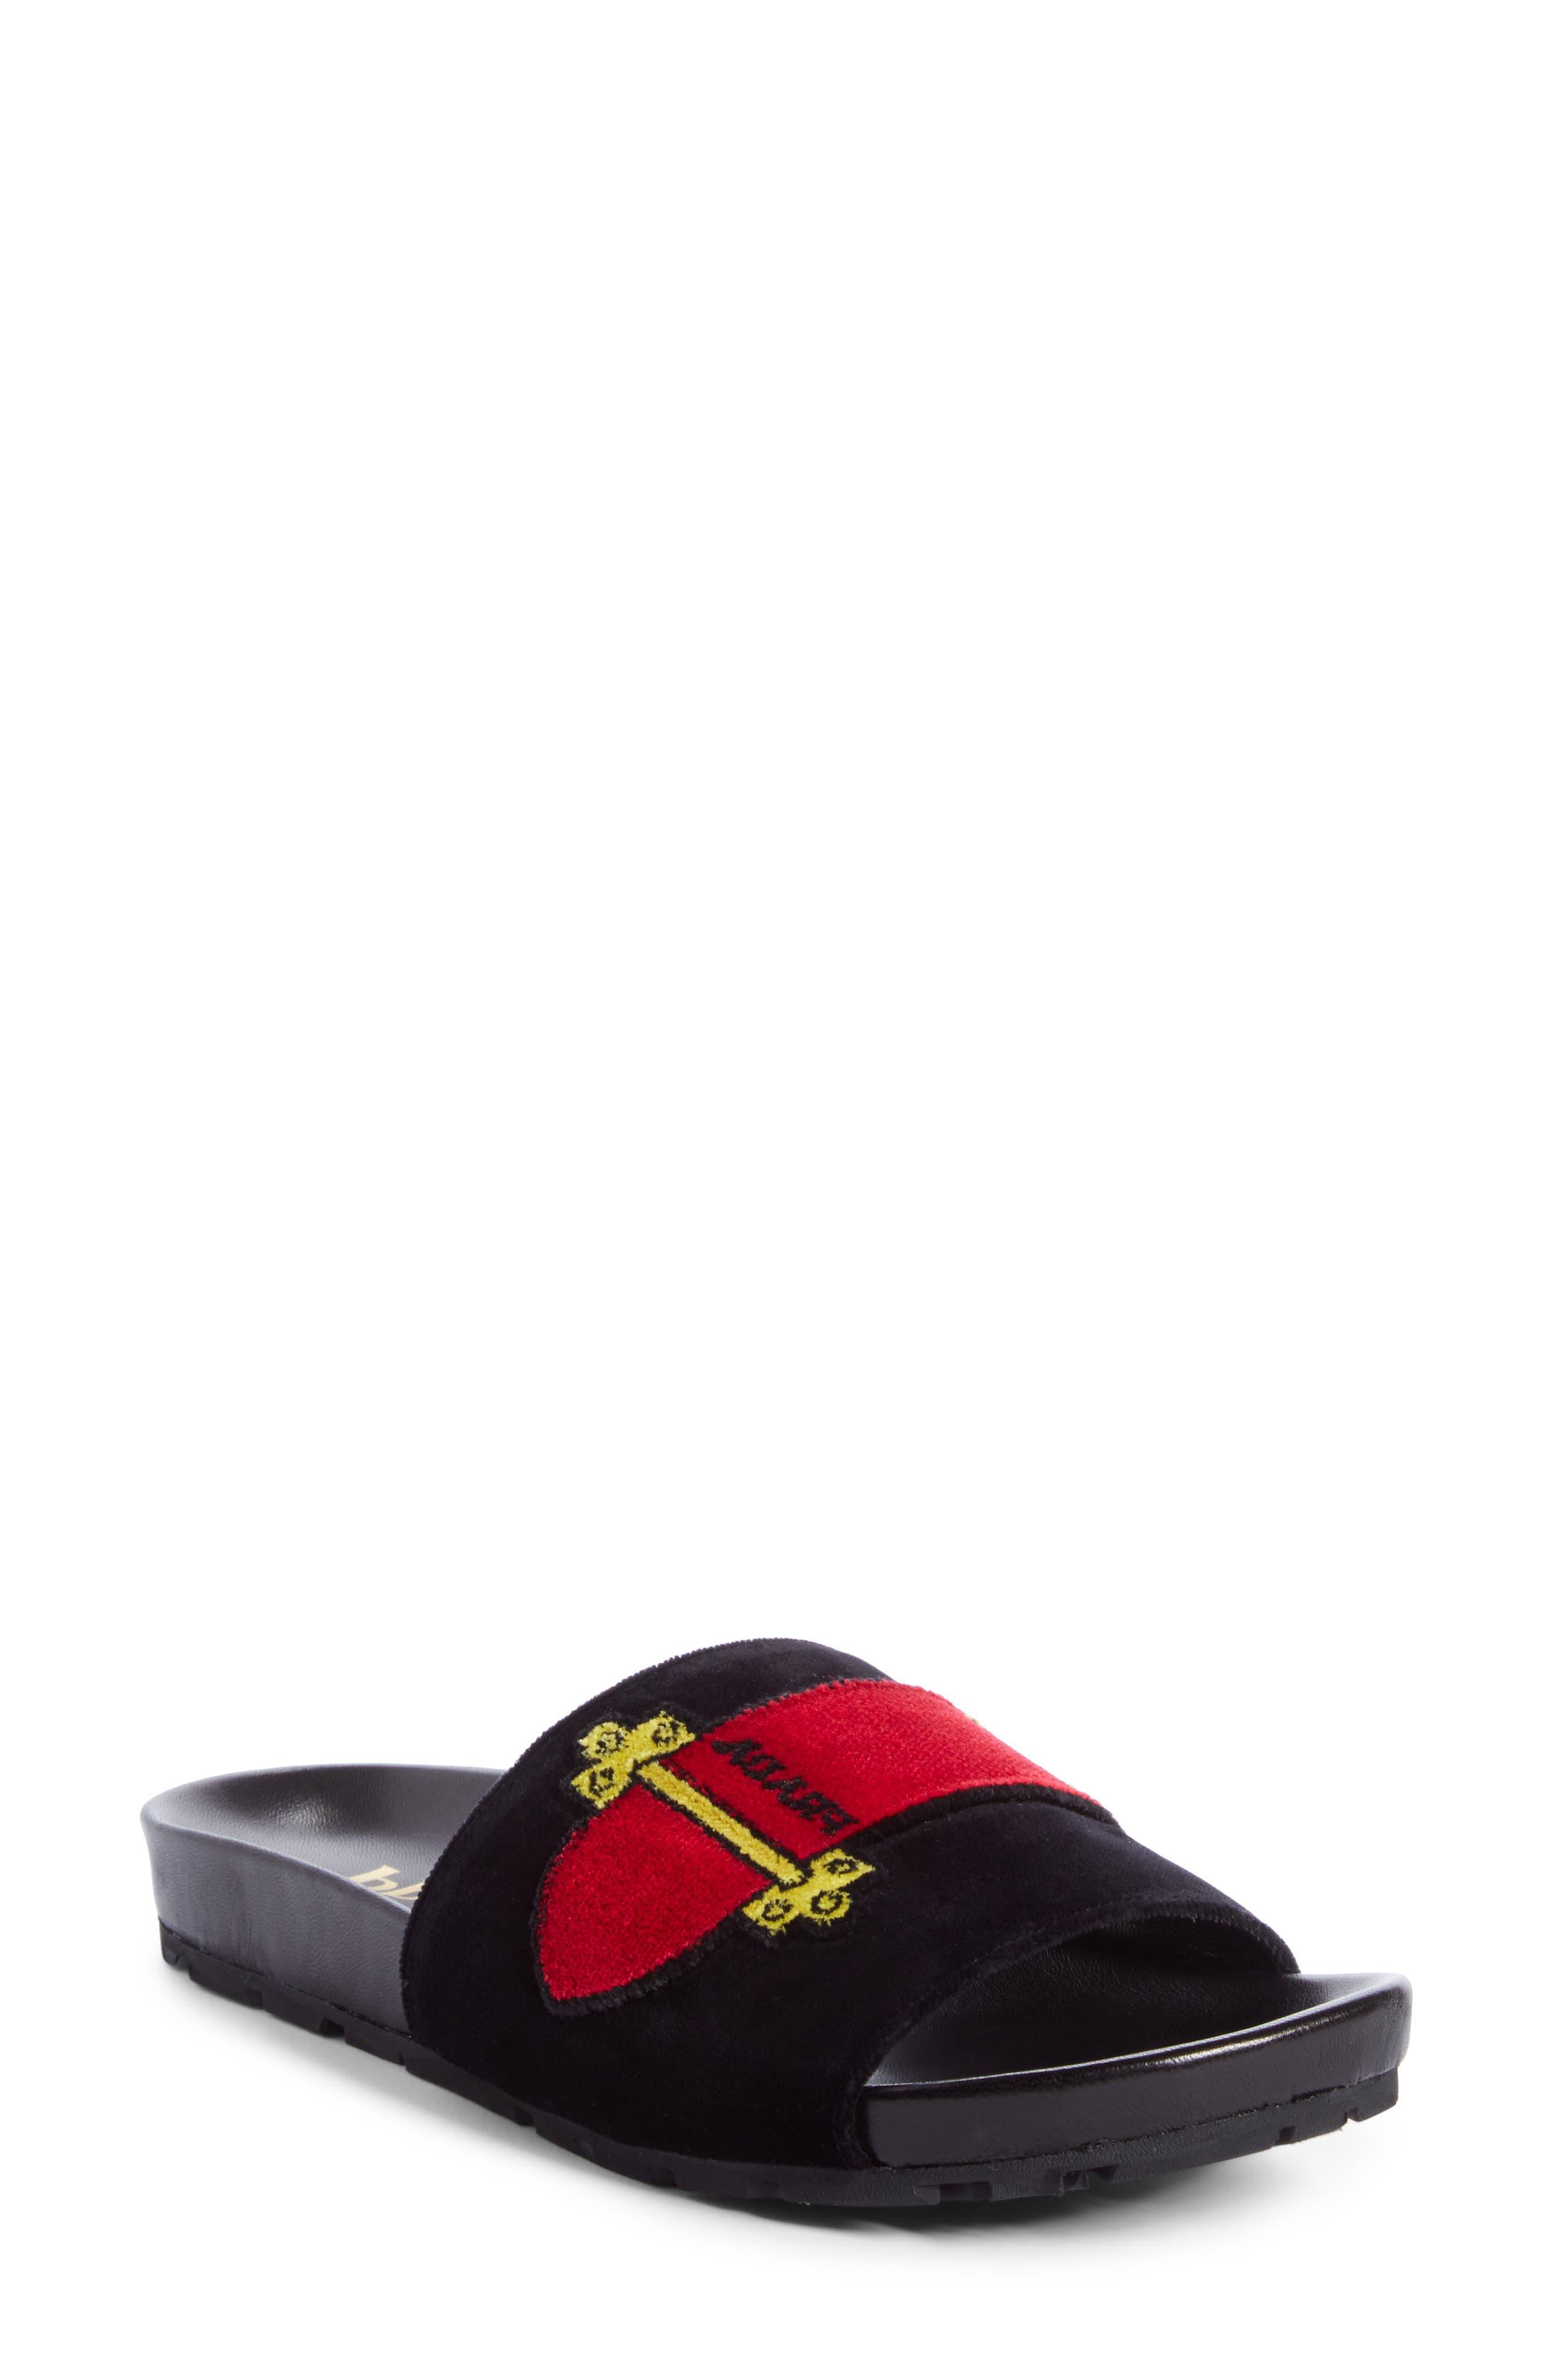 PRADA Logo Slide Sandal